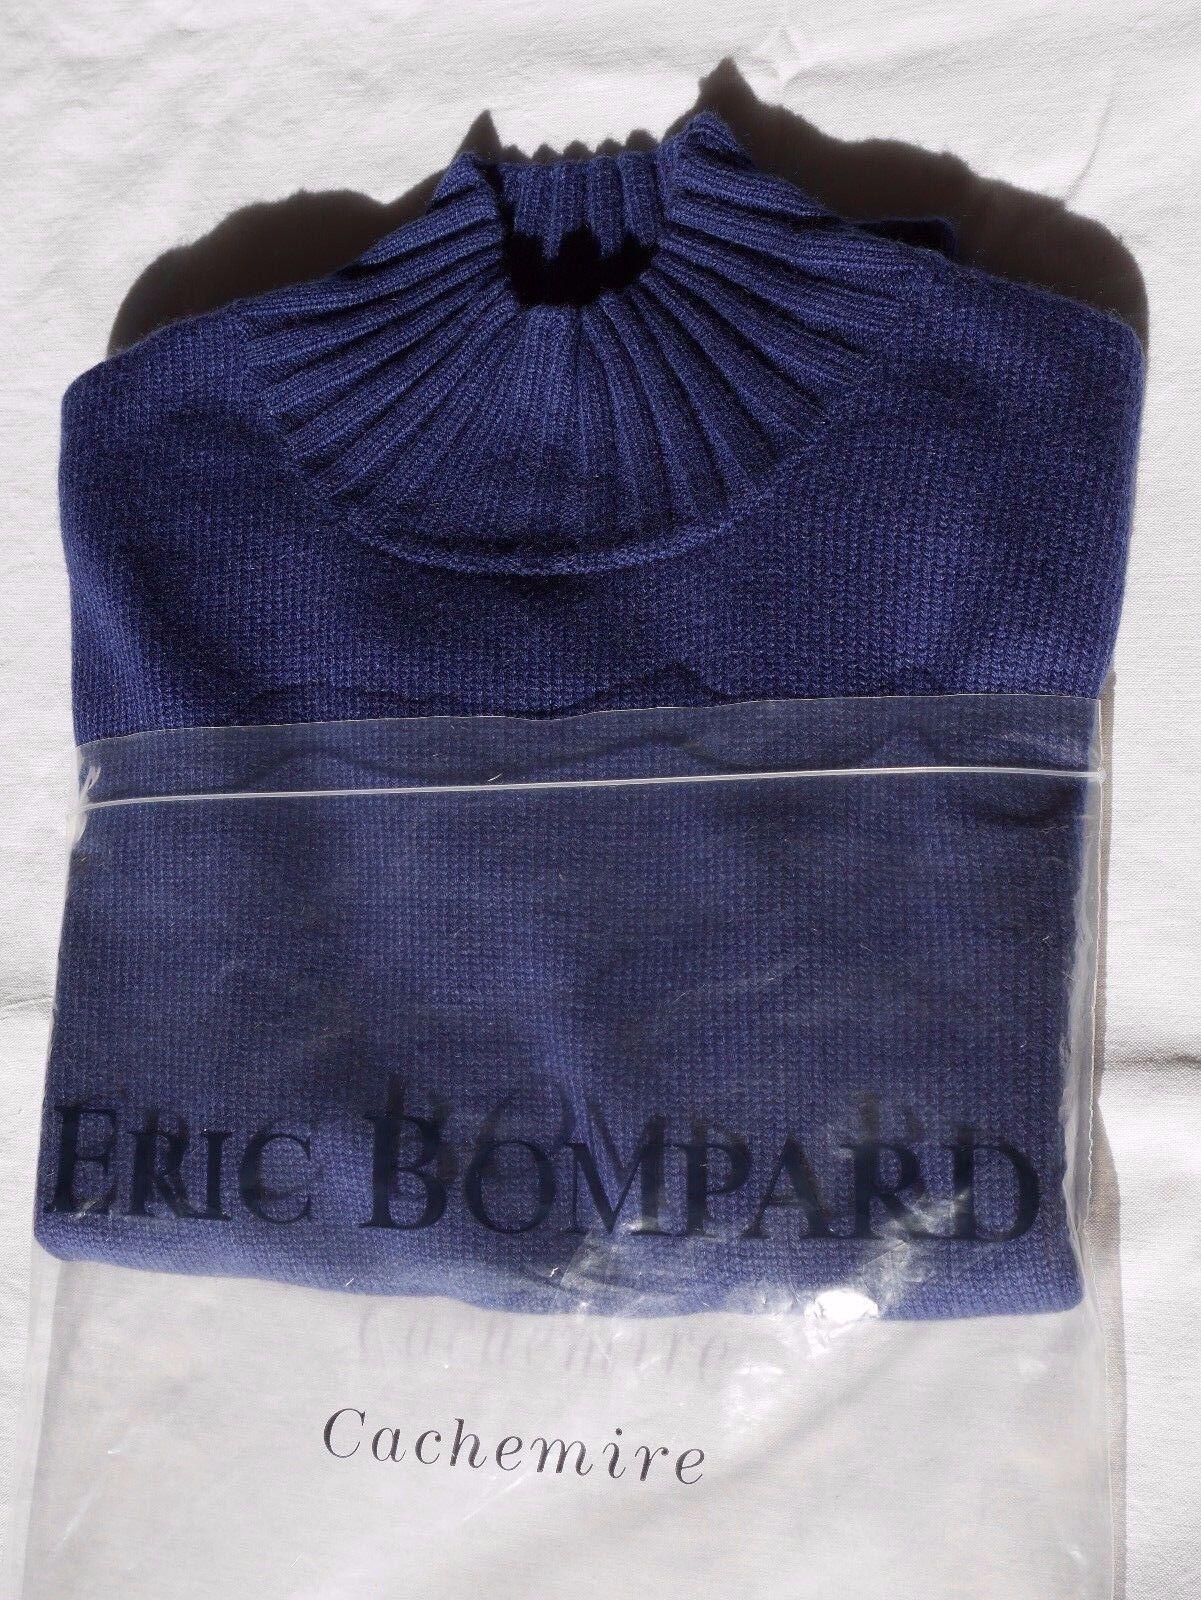 BOMPARD Pull Manche Courte manche courte Cachemire Soie Silk bleu M NEUF nouveau